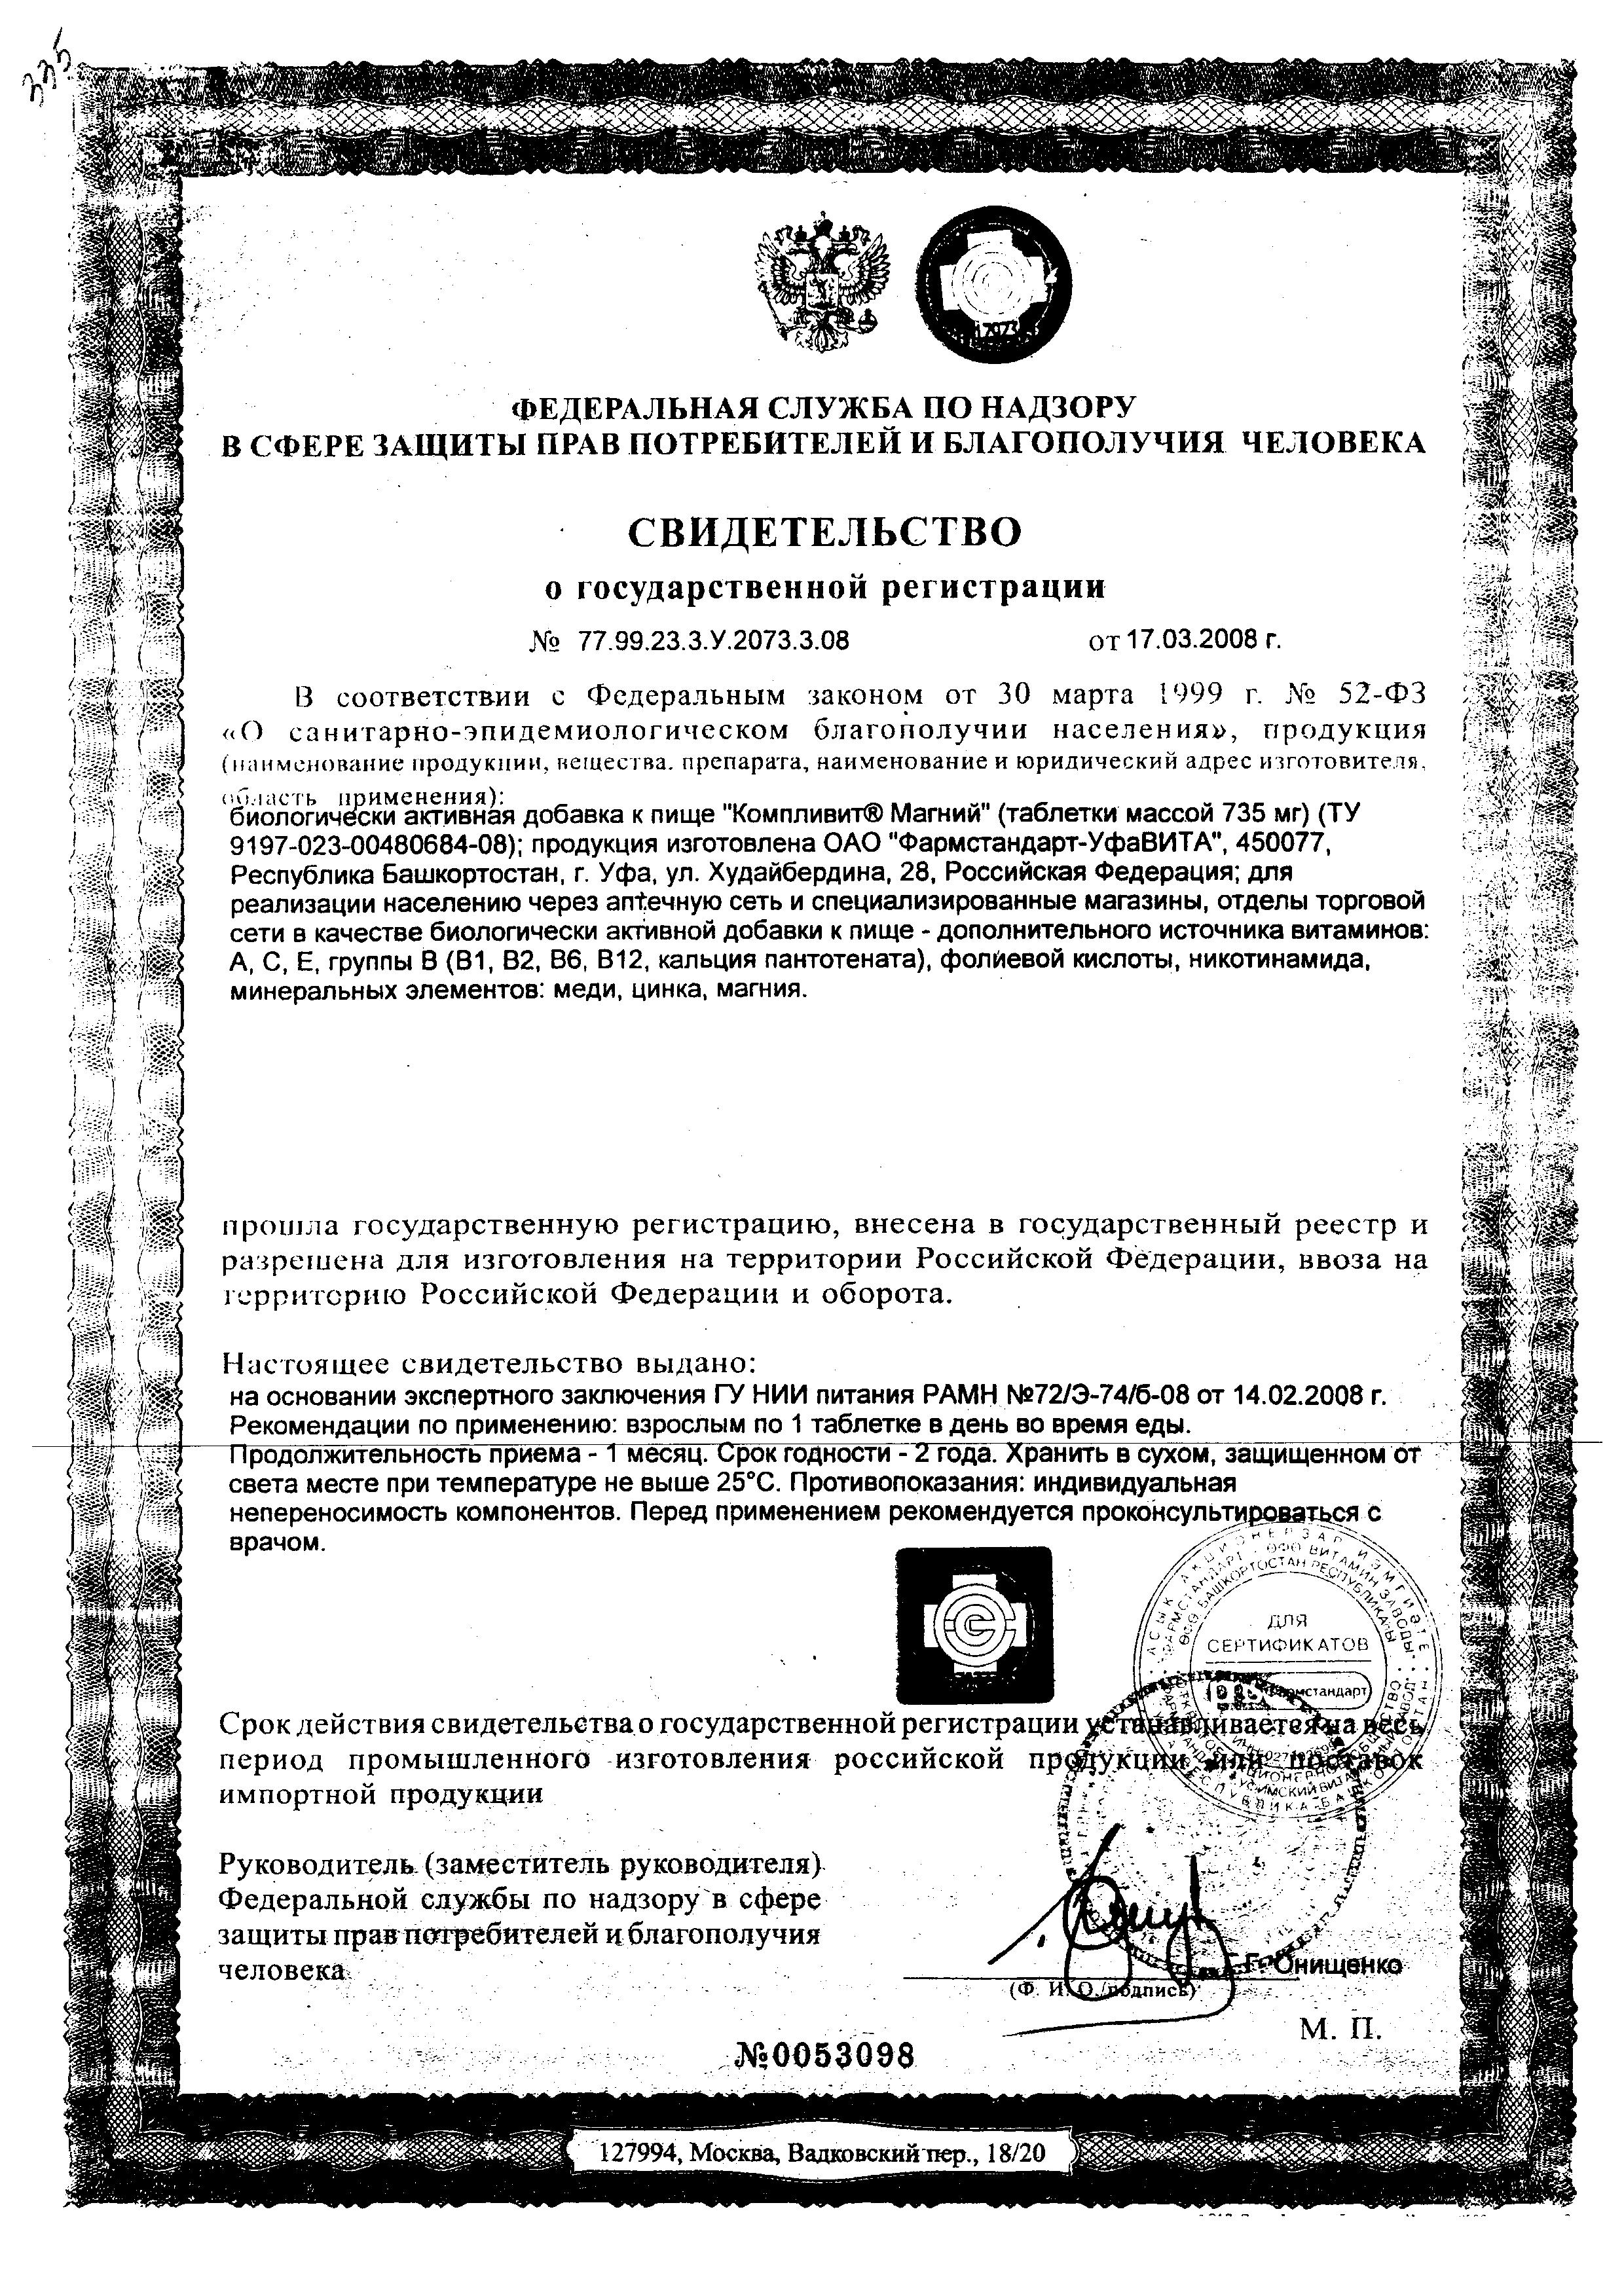 Компливит Магний сертификат